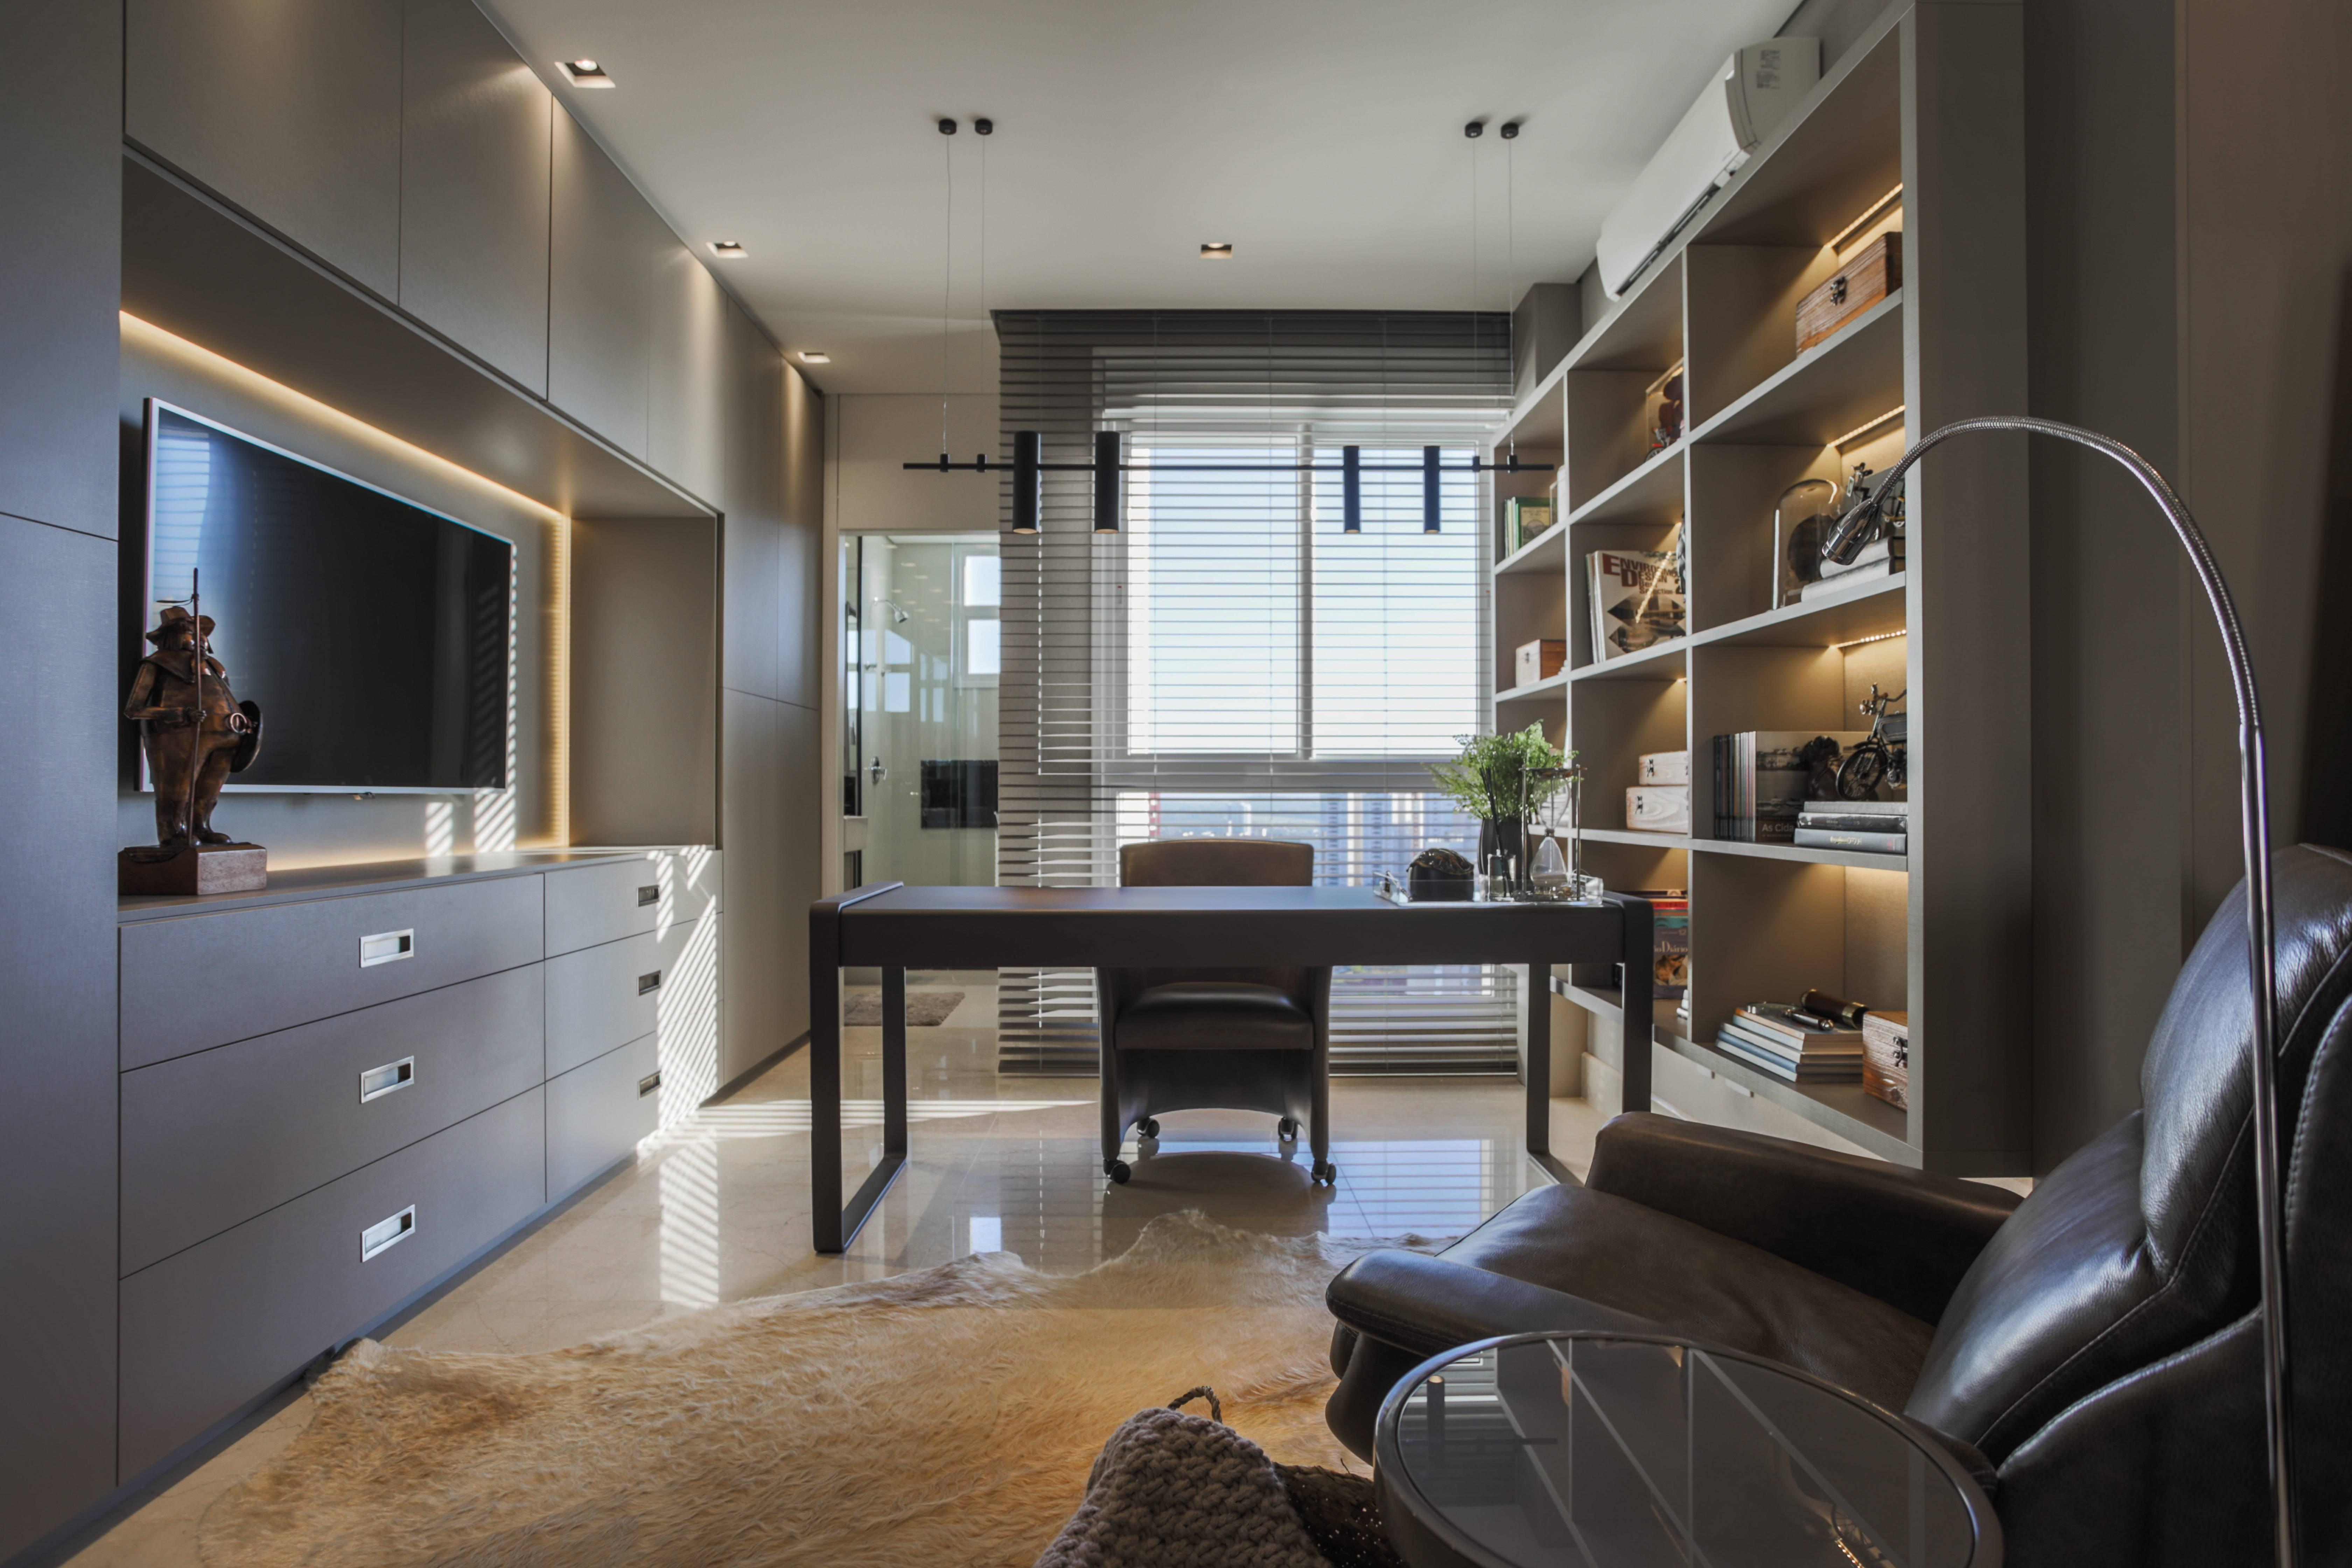 Cômodo de apartamento de 380 m² foi transformado em espaço exclusivo de trabalho em projeto da arquiteta Juliana Meda.